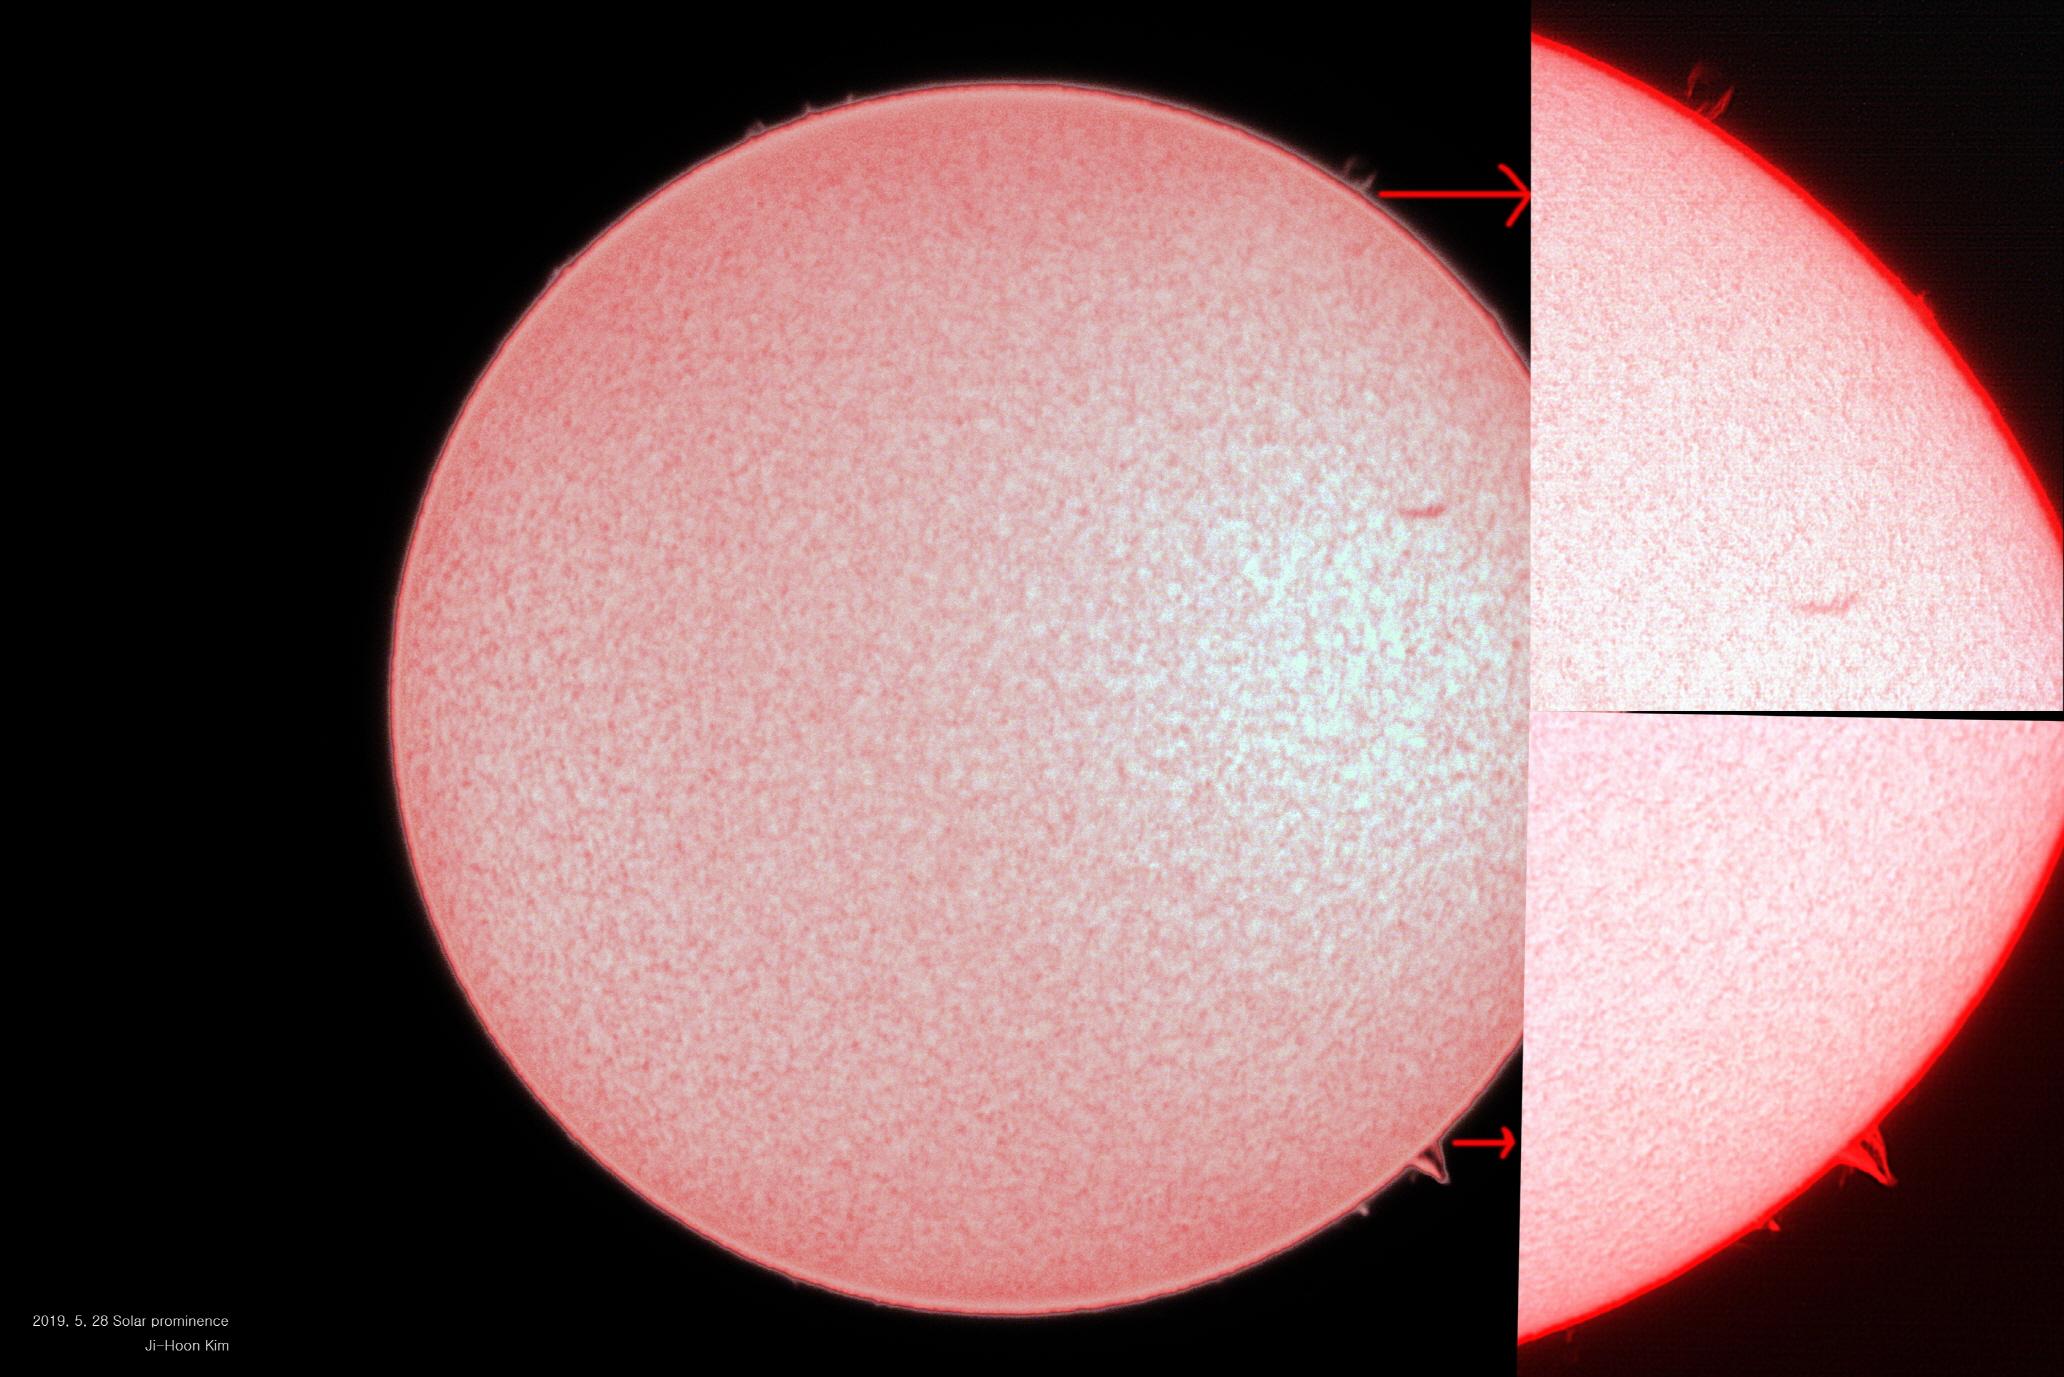 [크기변환]2019.5.28.jpg - 통합 태양.jpg